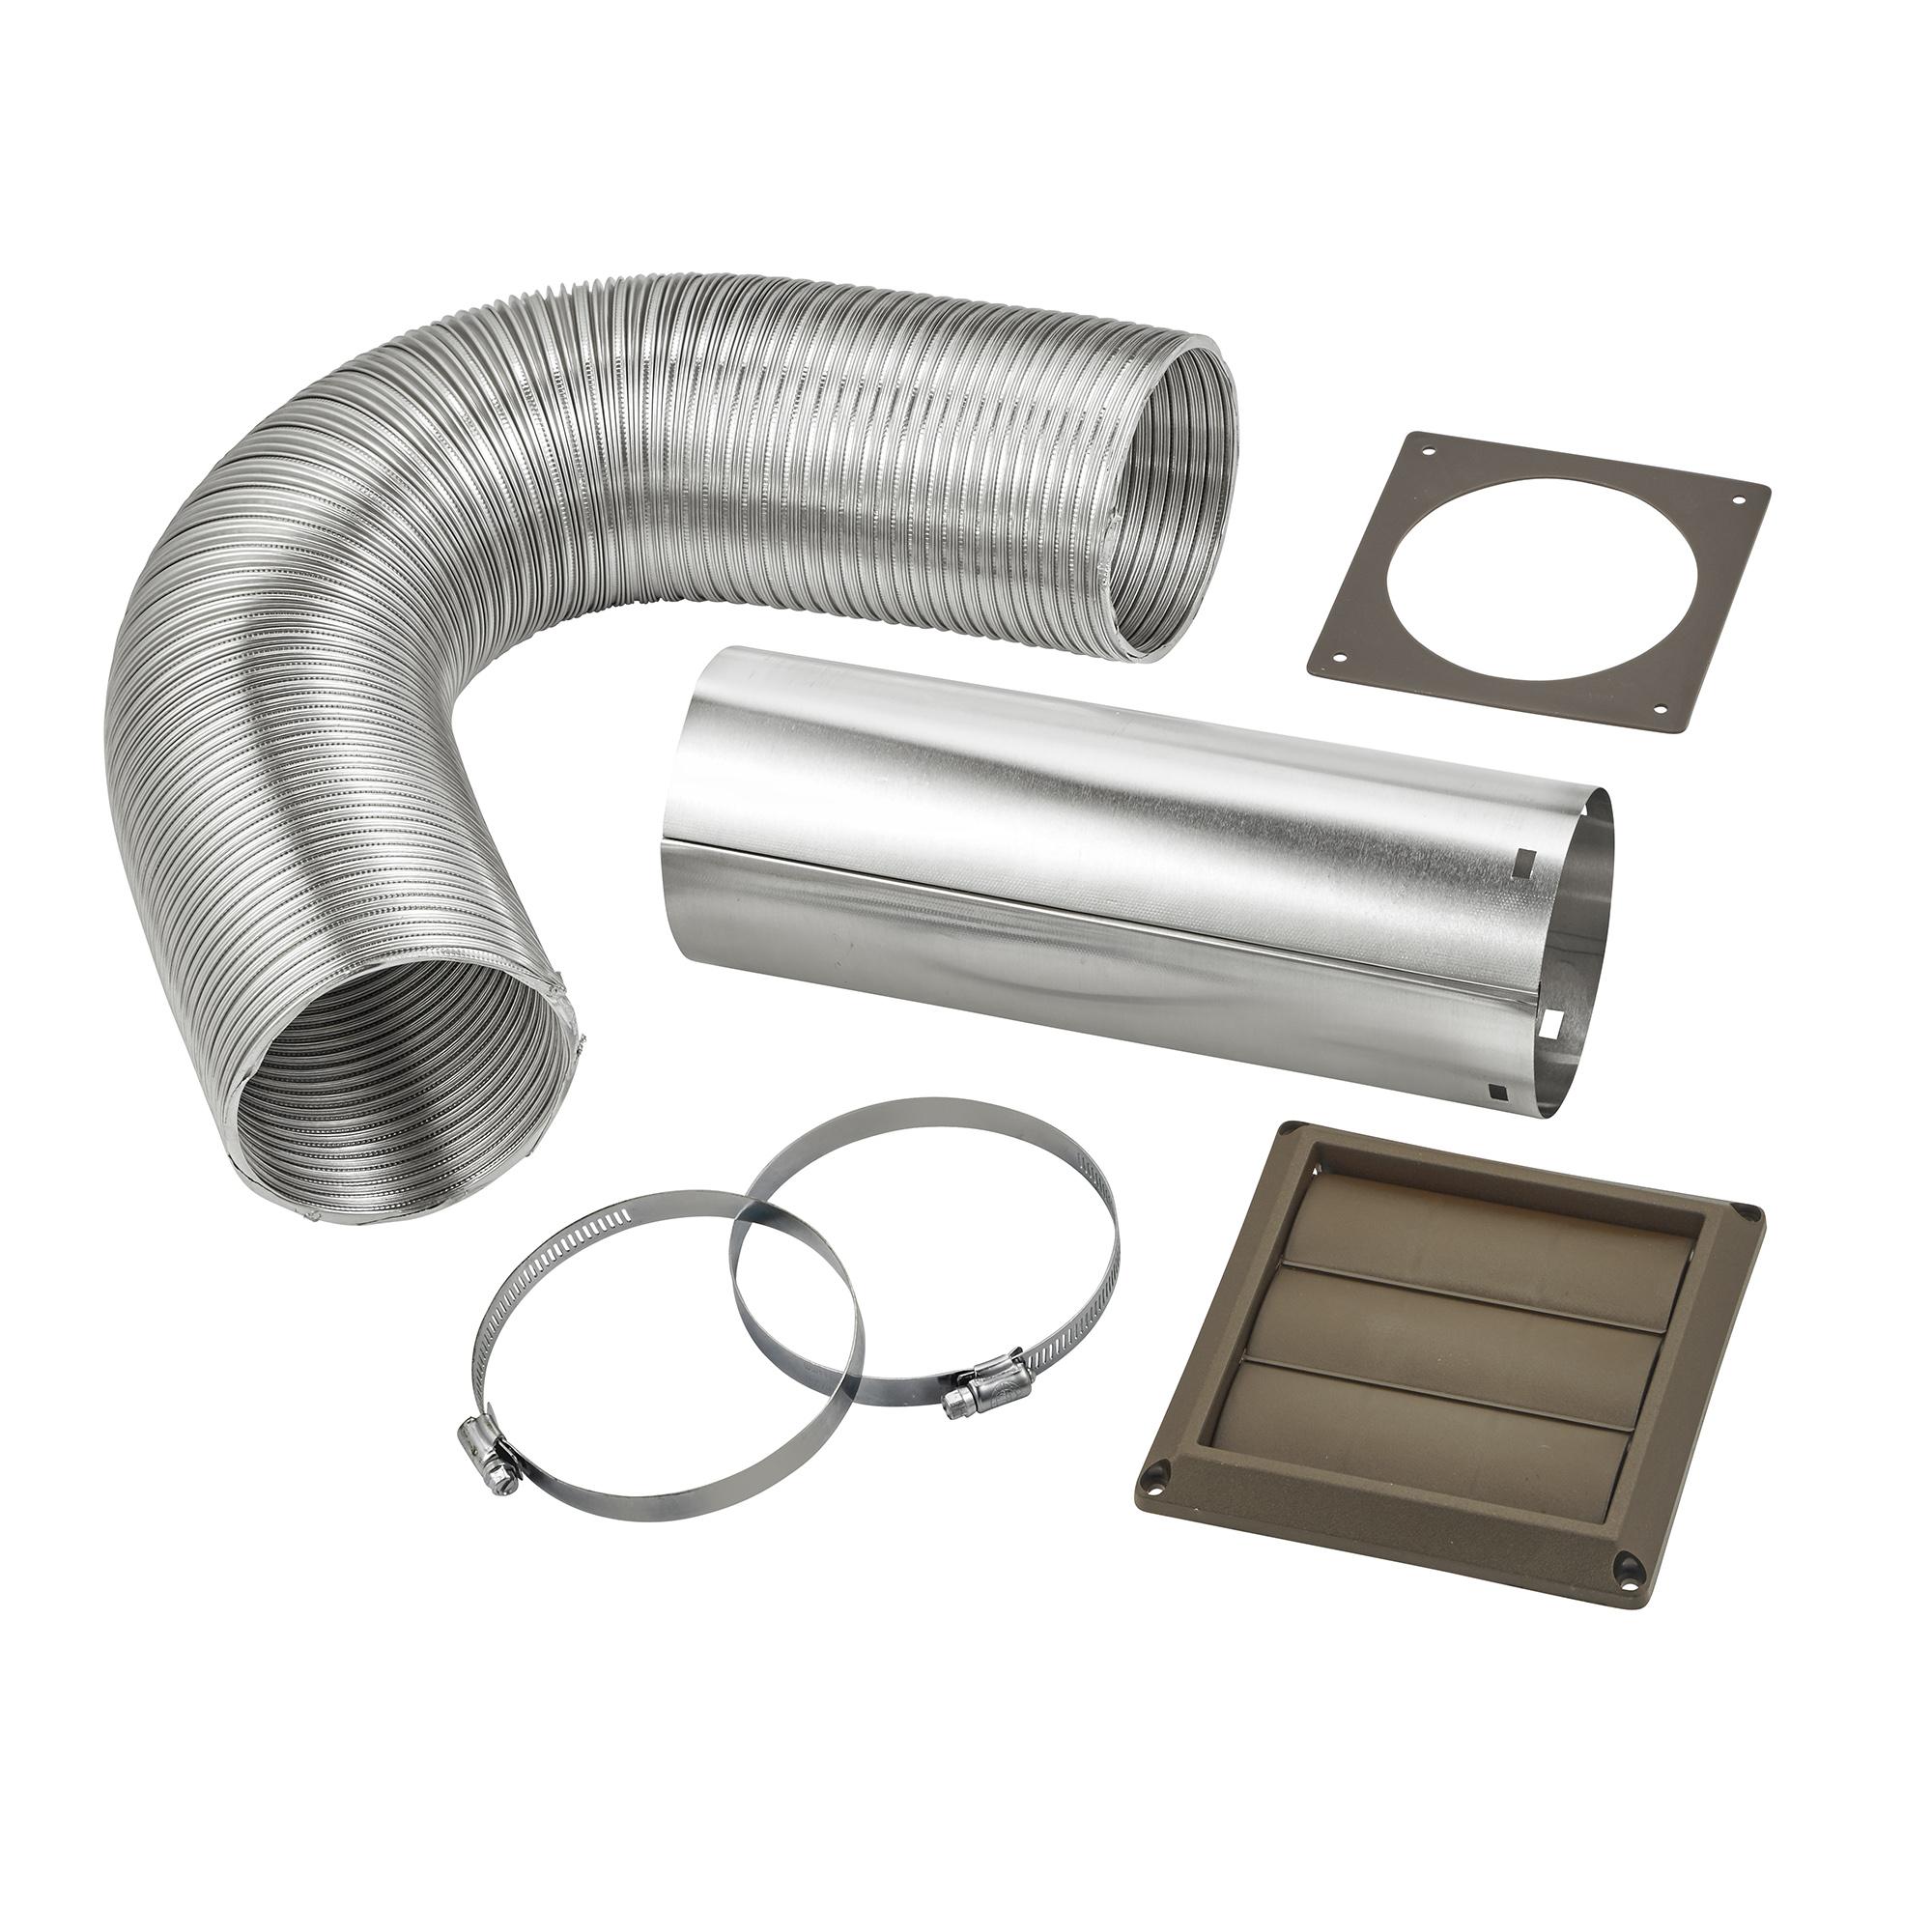 4 Quot X 8 Flexible Semi Rigid Aluminum Duct Louvered Vent